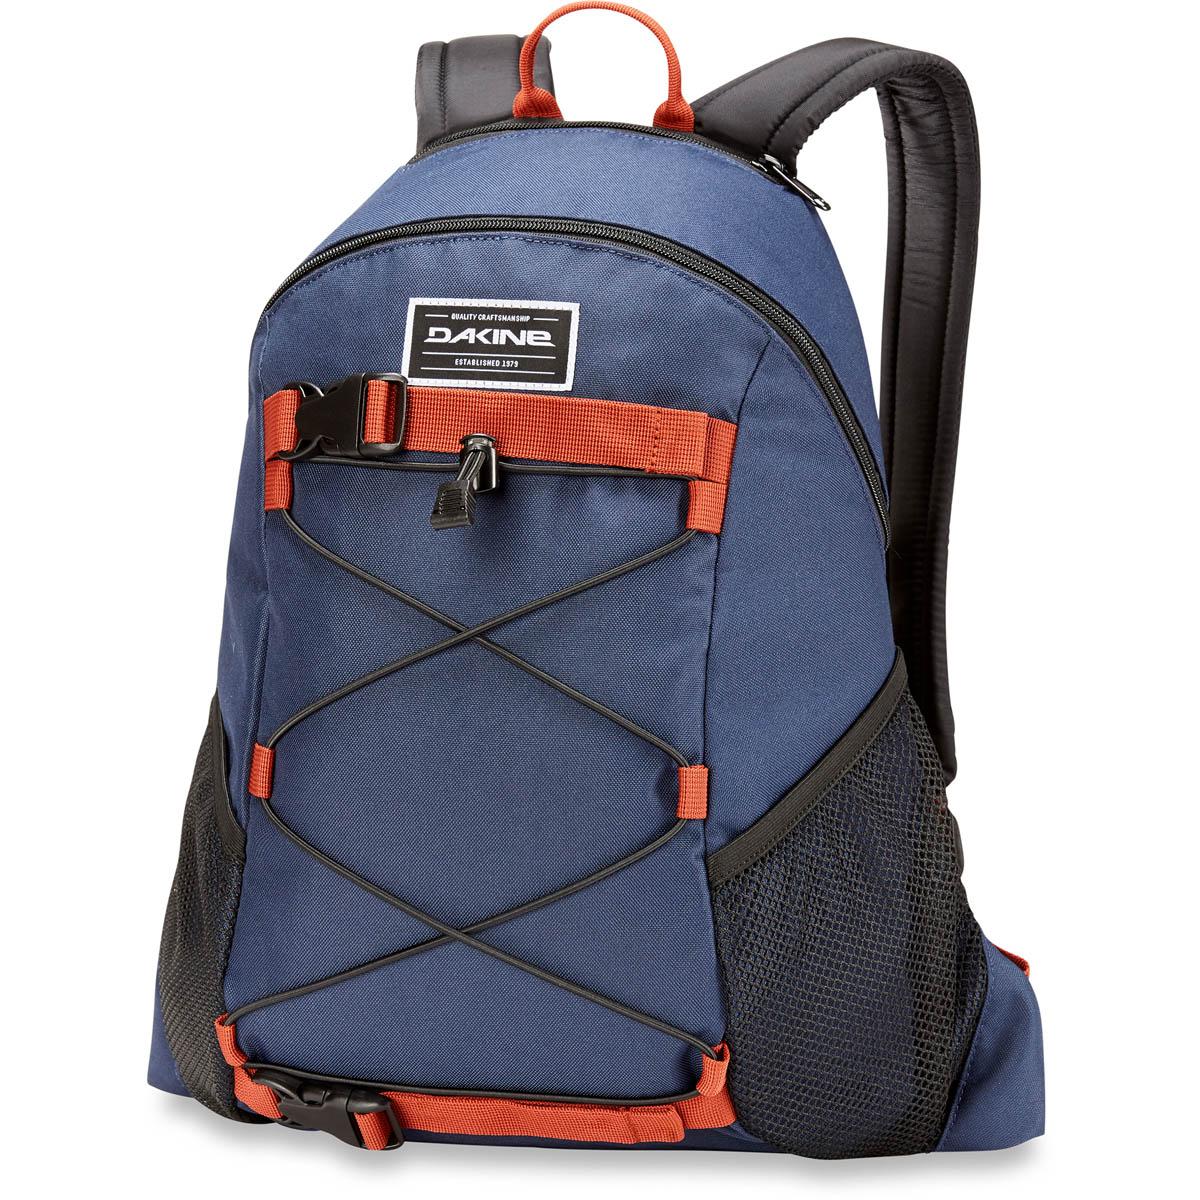 c5bea6d60c9 Dakine Wonder 15L Backpack Dark Navy | Dakine Shop